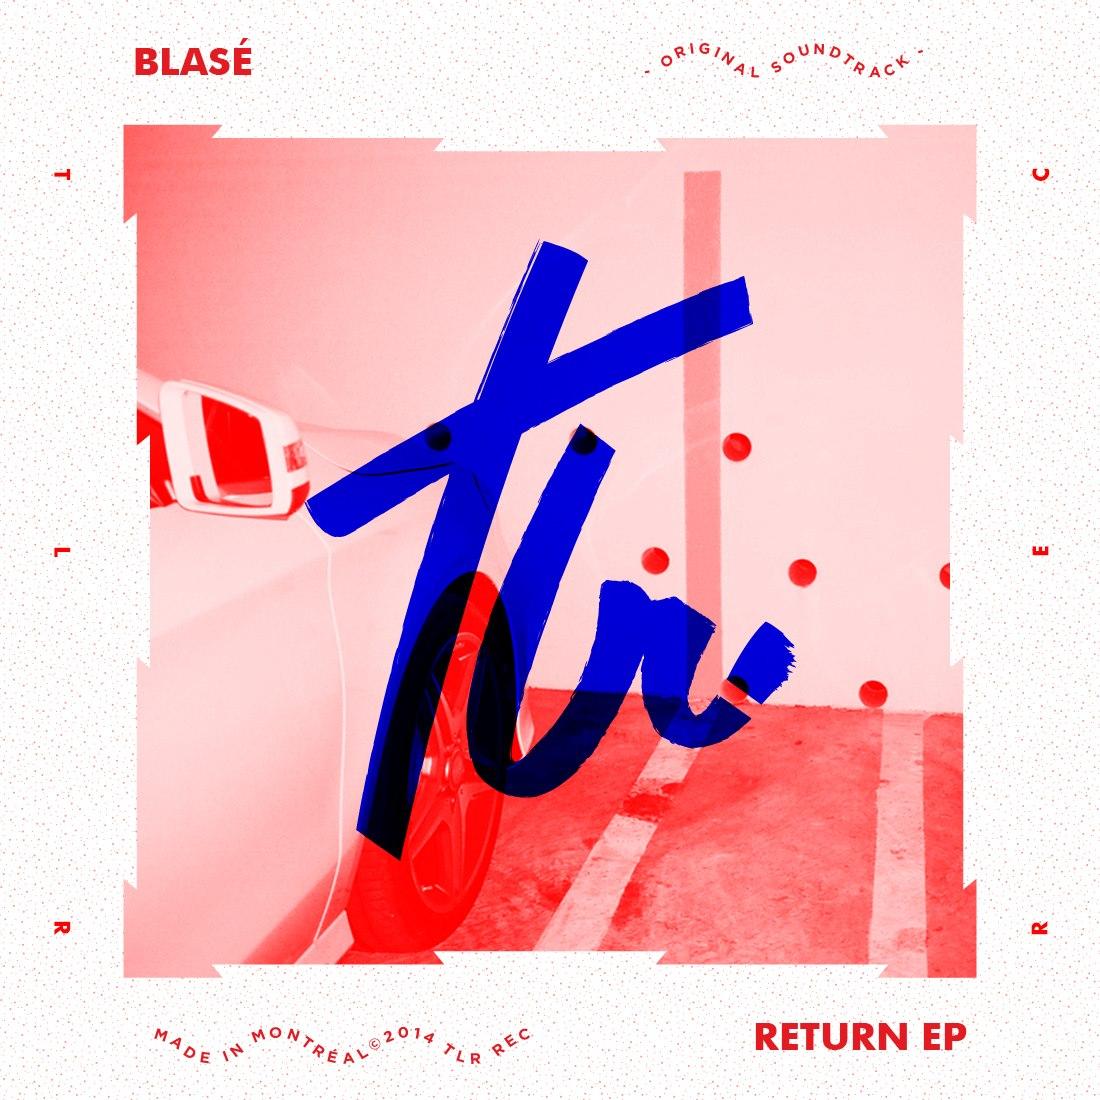 return-ep-blase-tlrrecords-tealer